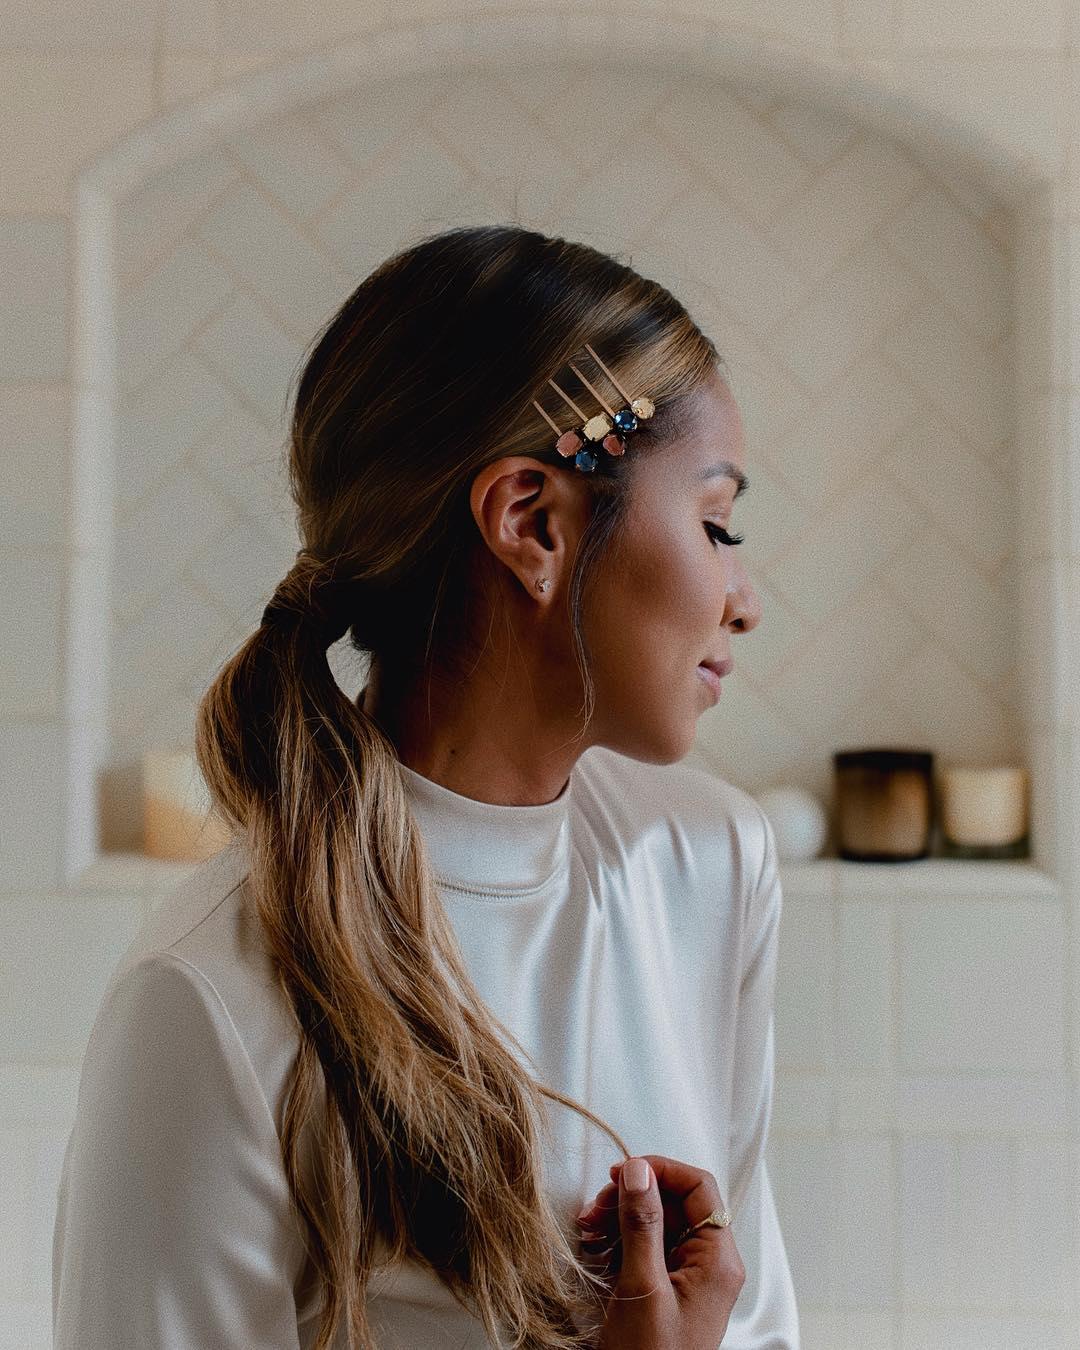 Femme aux longs cheveux brun foncé à reflets caramel, coiffée en queue de cheval basse, portant des barrettes et posant dans une chambre à coucher